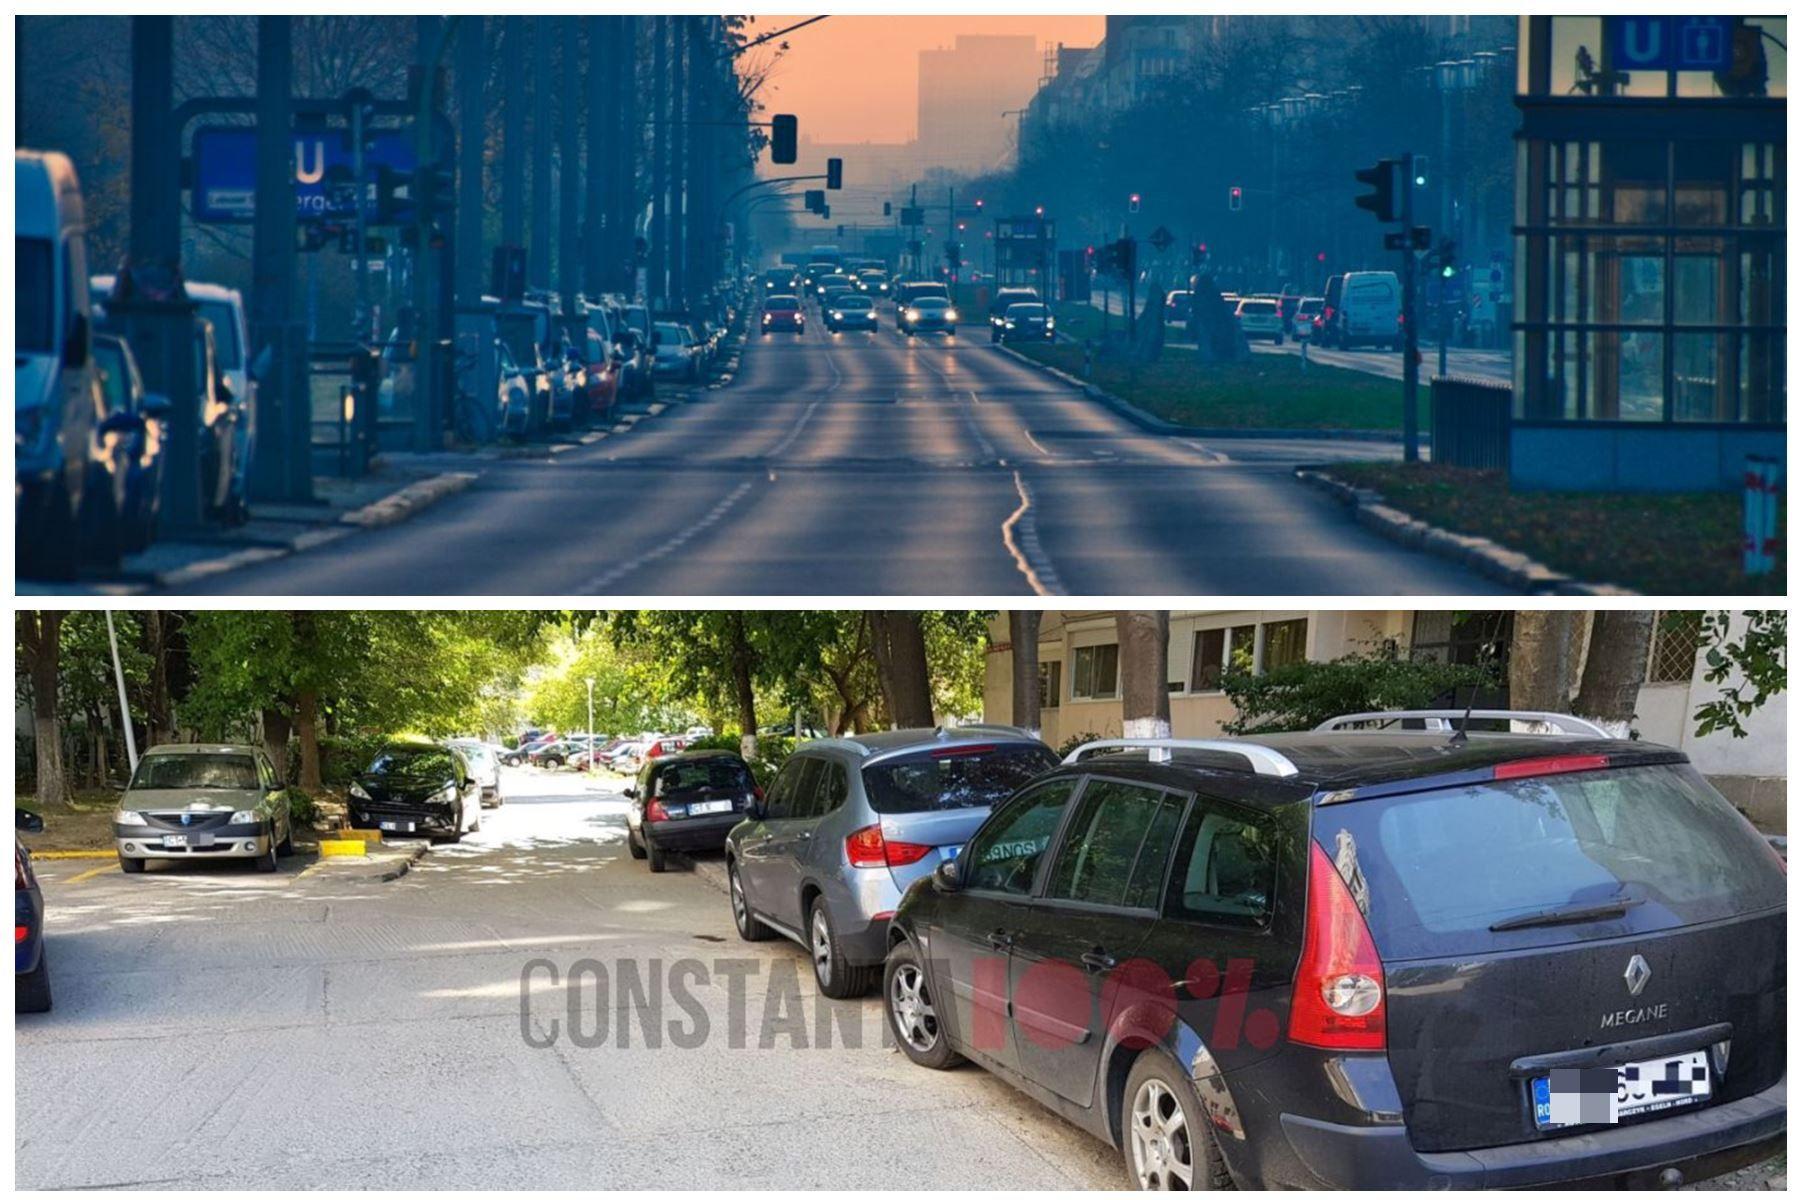 Berlin (foto sus) versus Constanța